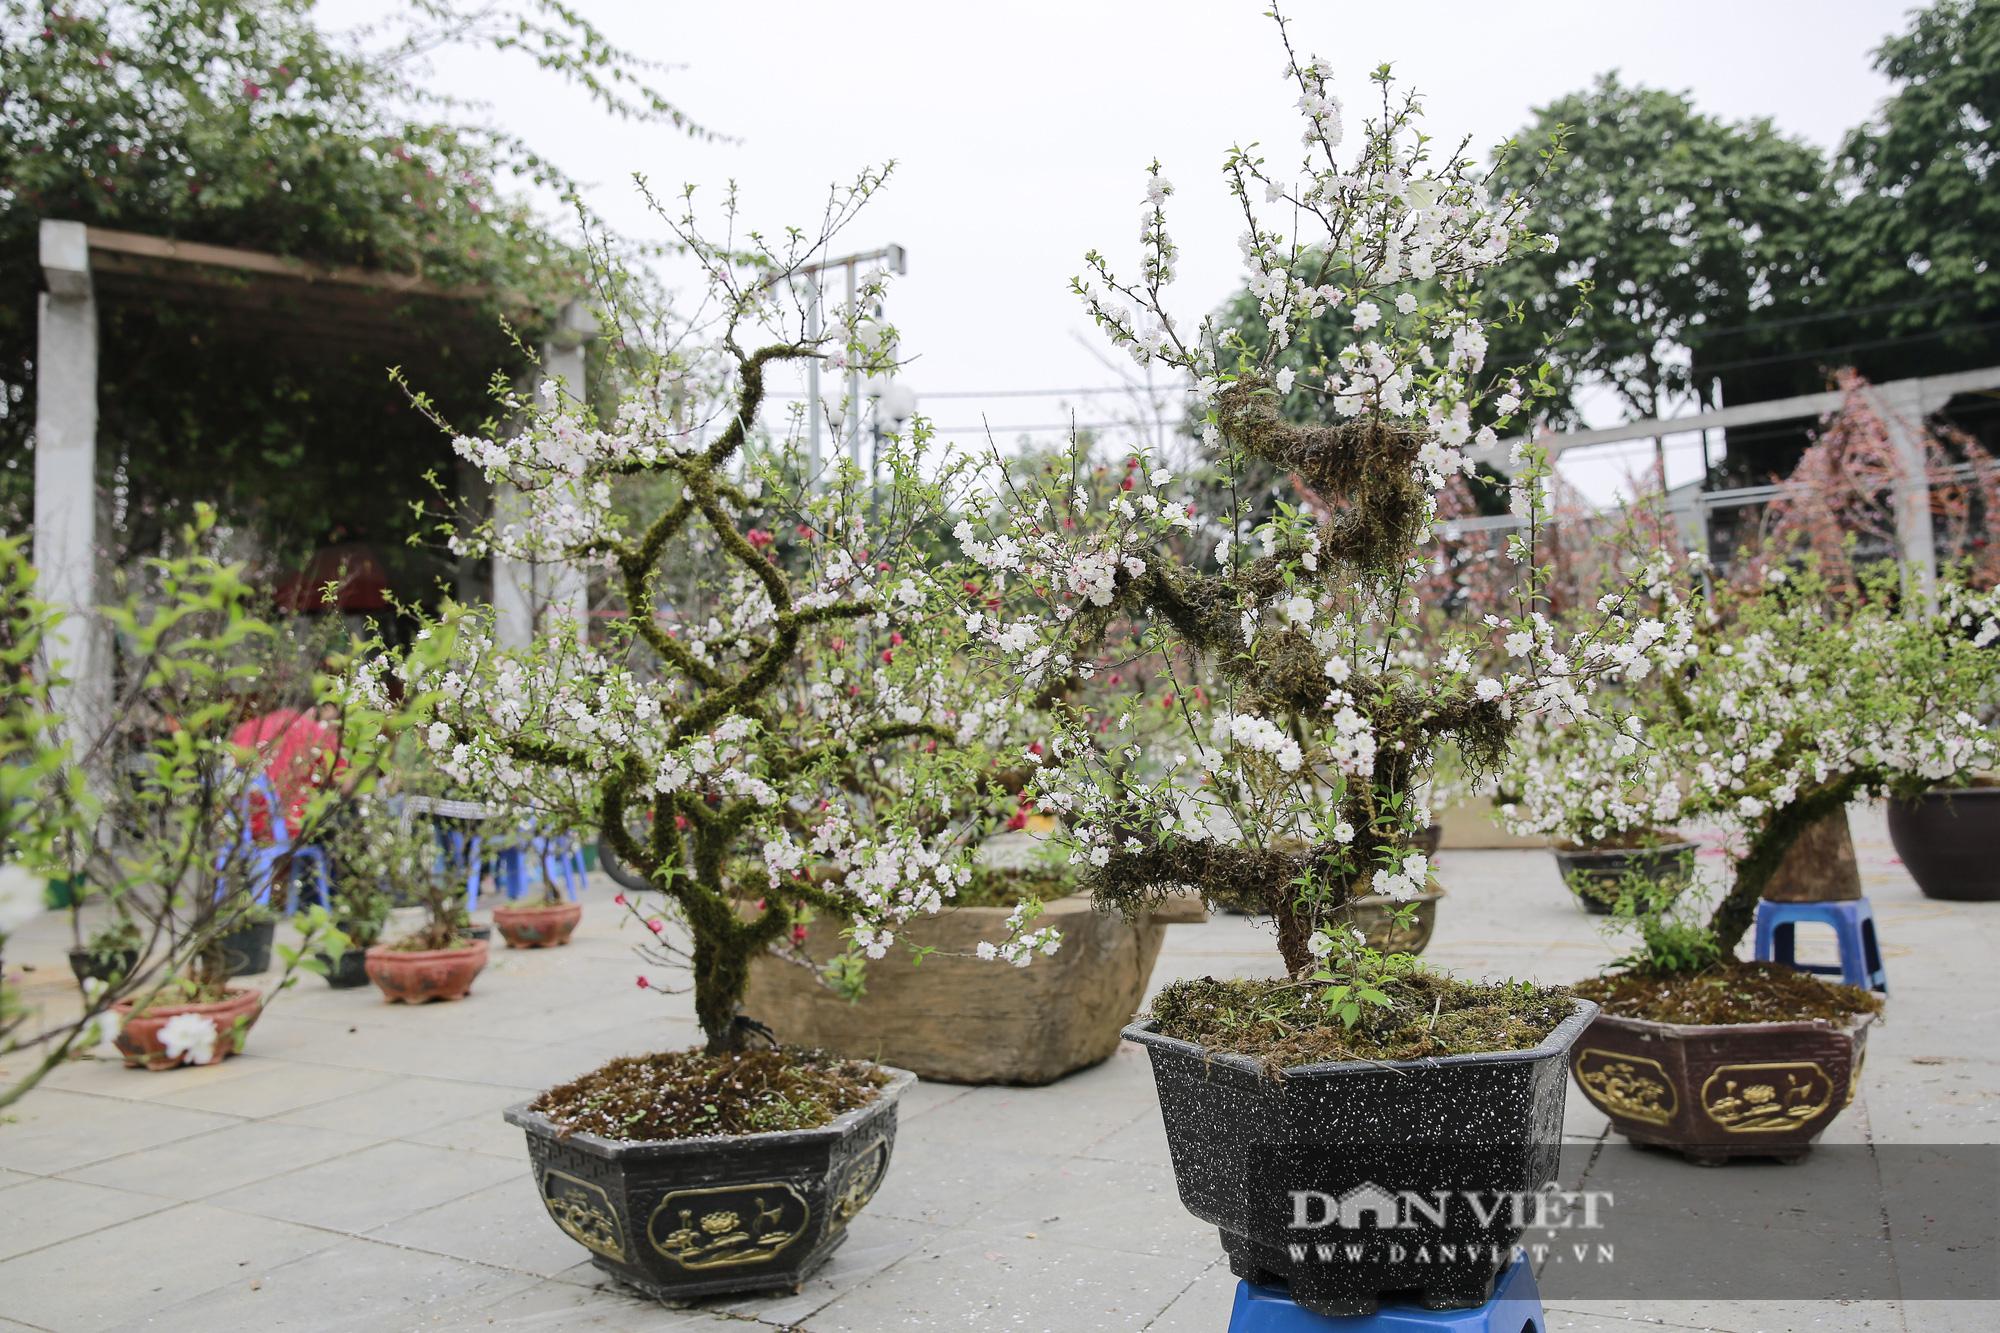 """Loài cây quý hiếm để trong nhà là """"sang"""" hút khách dịp Tết Nguyên đán - Ảnh 8."""